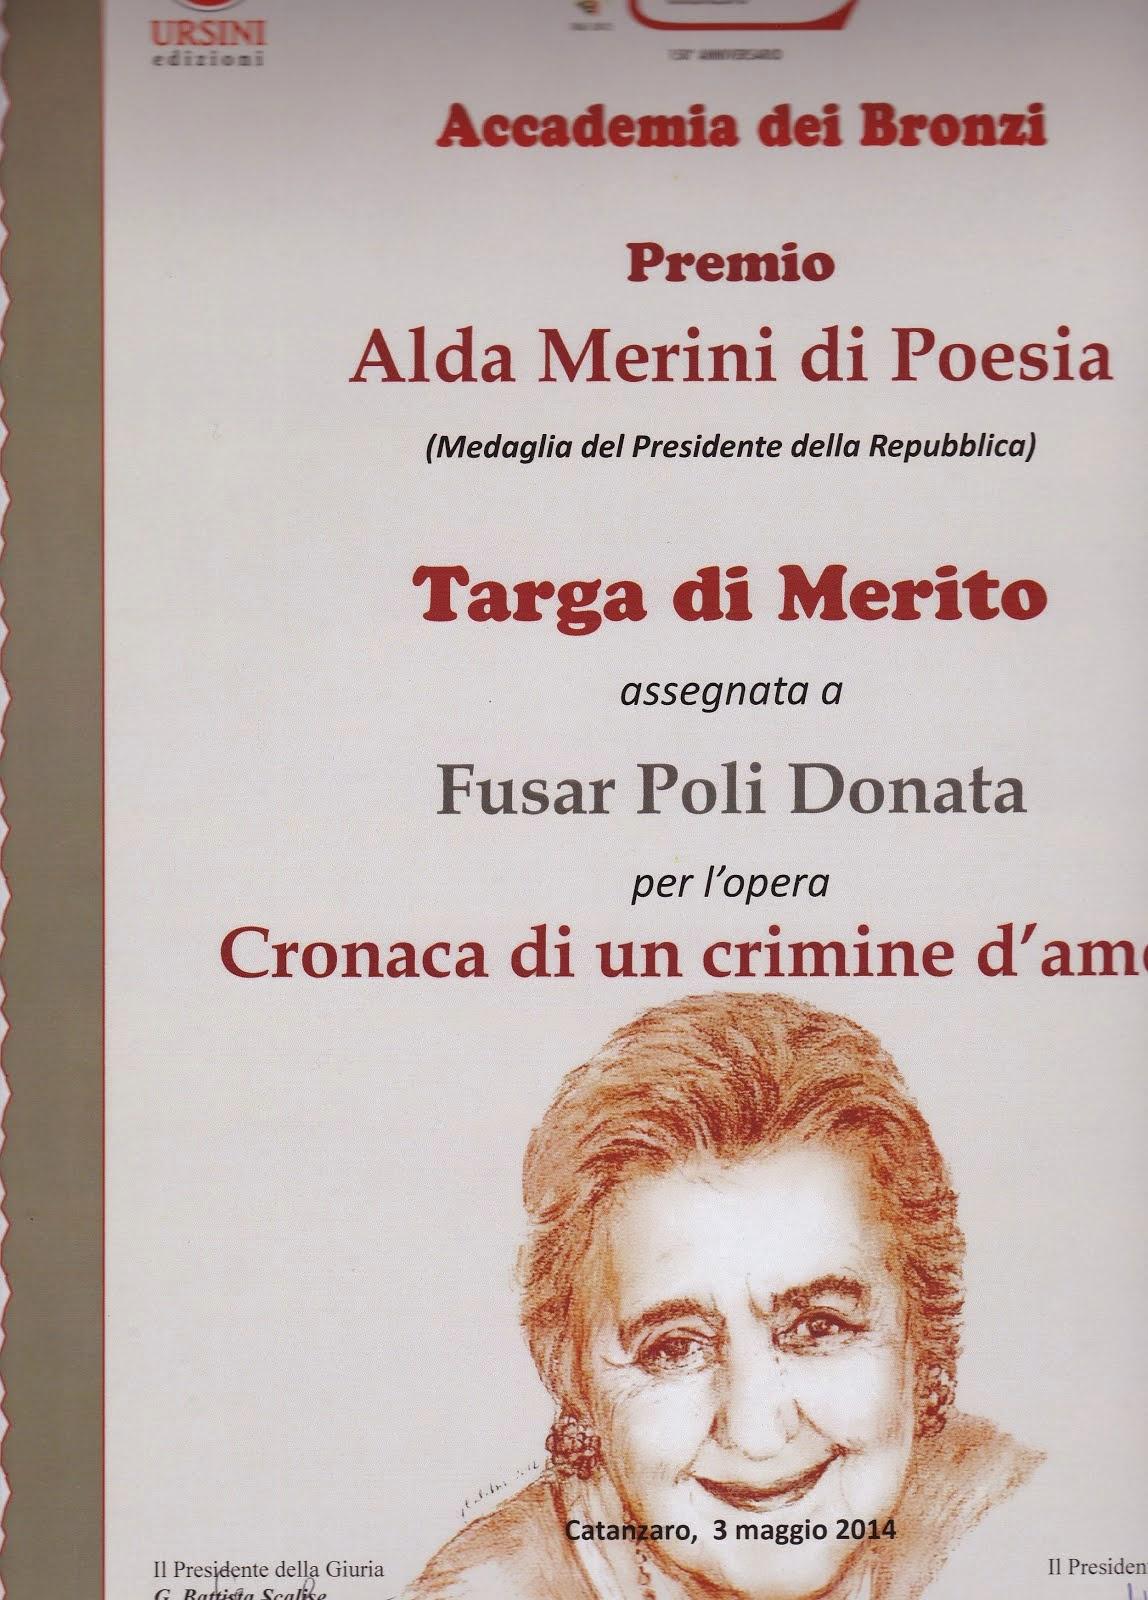 Premio di Poesia Alda Merini -2014-  Accademia dei Bronzi - Catanzaro